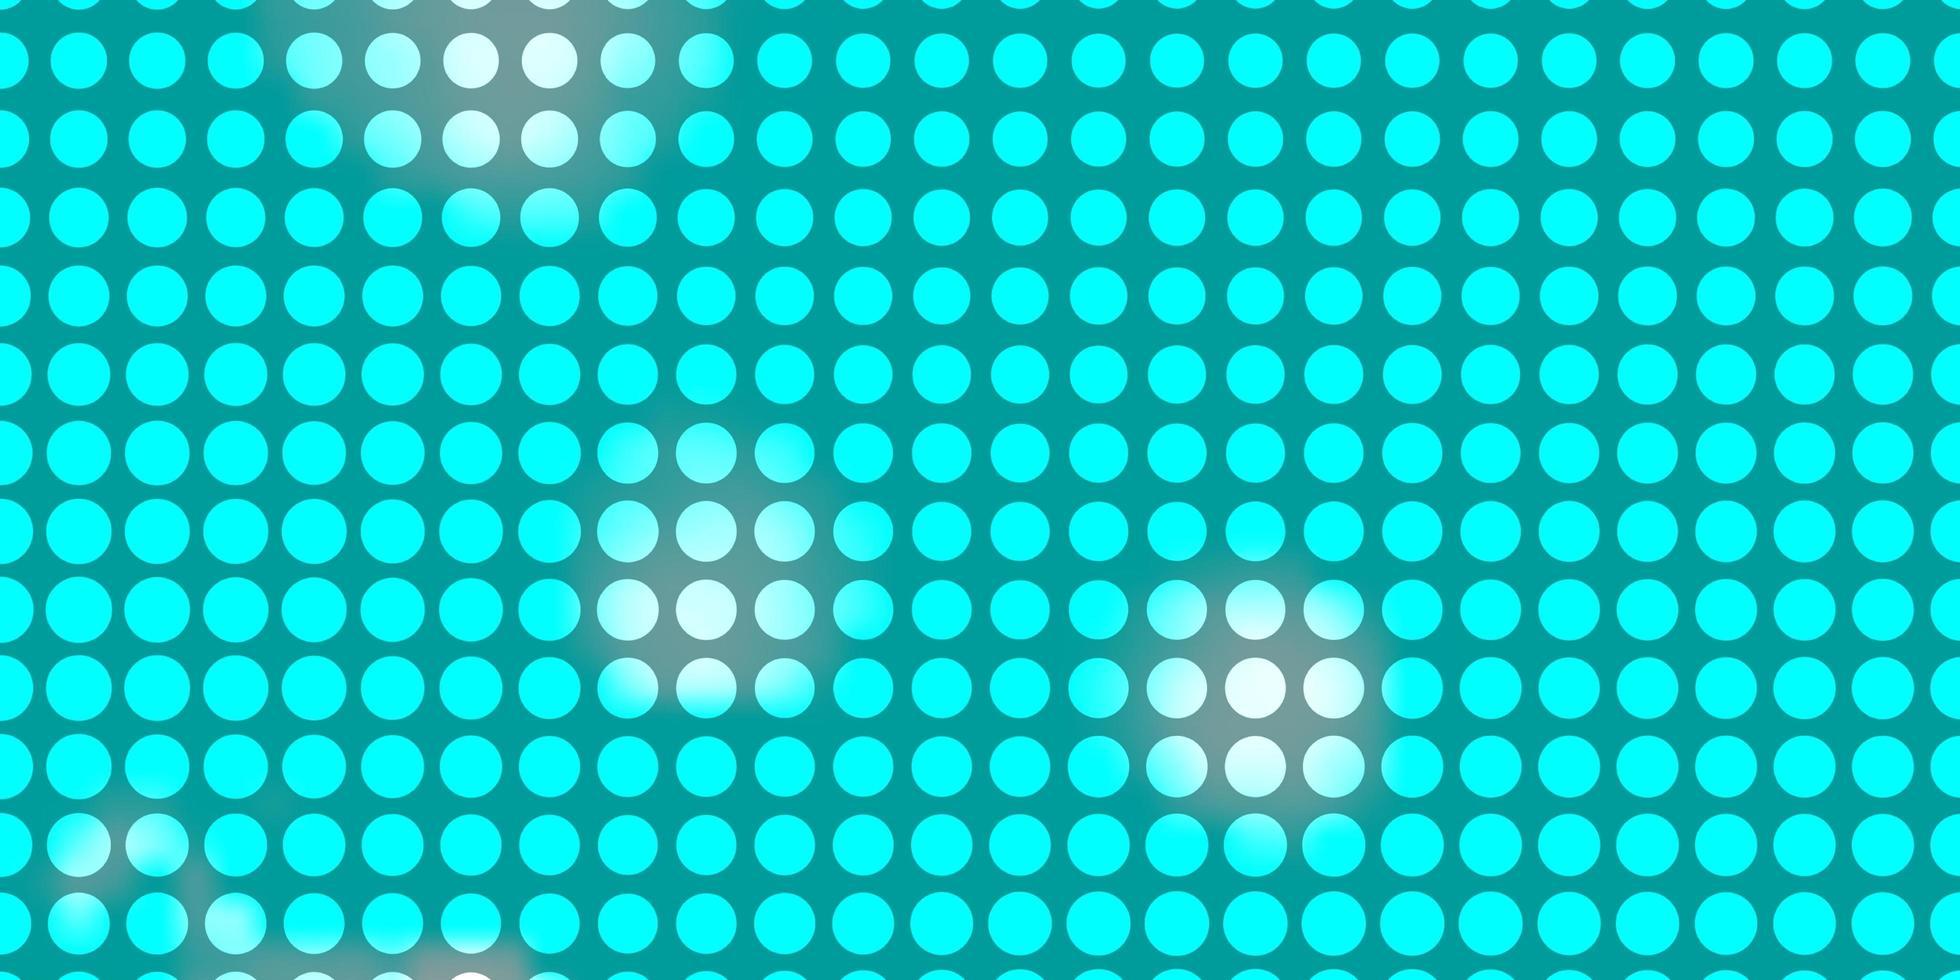 blauwe lay-out met cirkels. vector